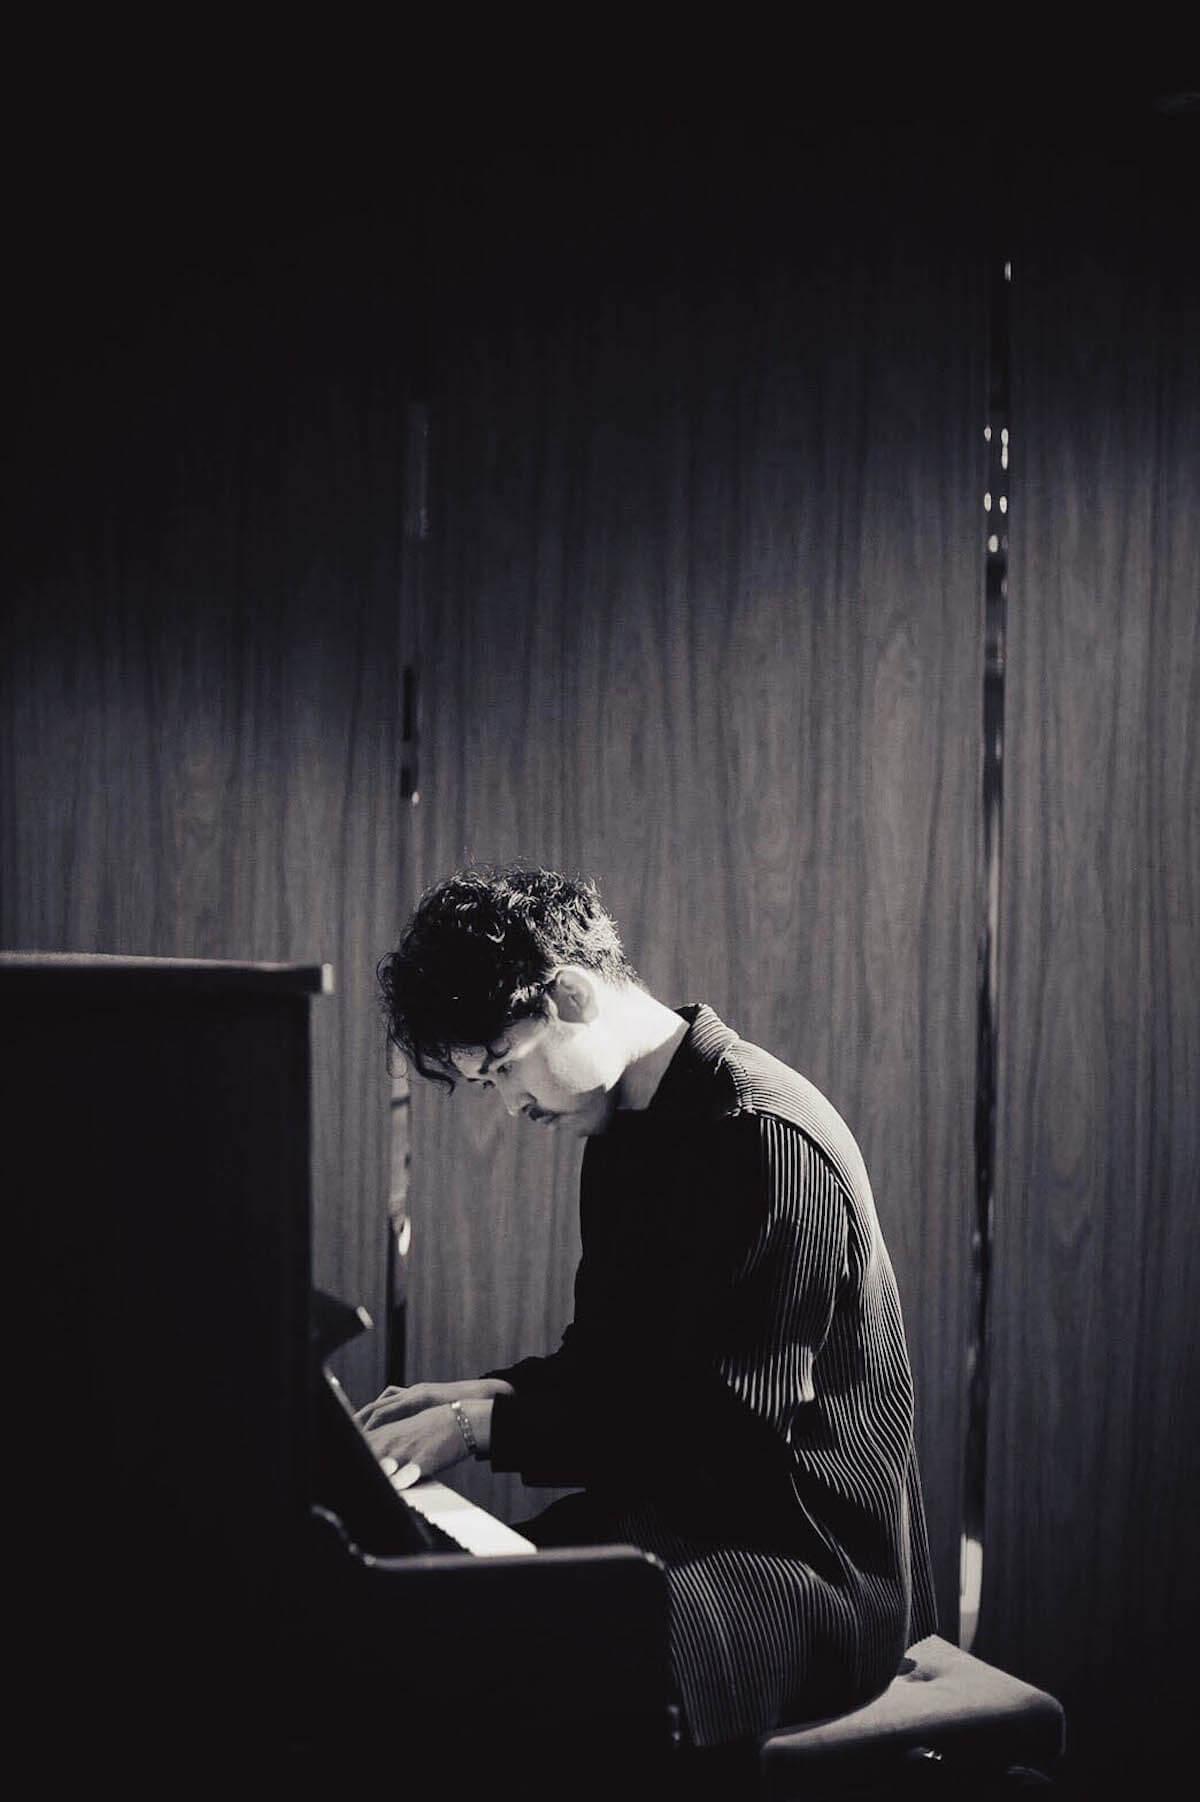 世界が絶賛!19歳シンガーNaz、デビューEPよりWONK・江﨑プロデュース「White Lie」の先行配信&MV公開 music190607naz-whitelie_4